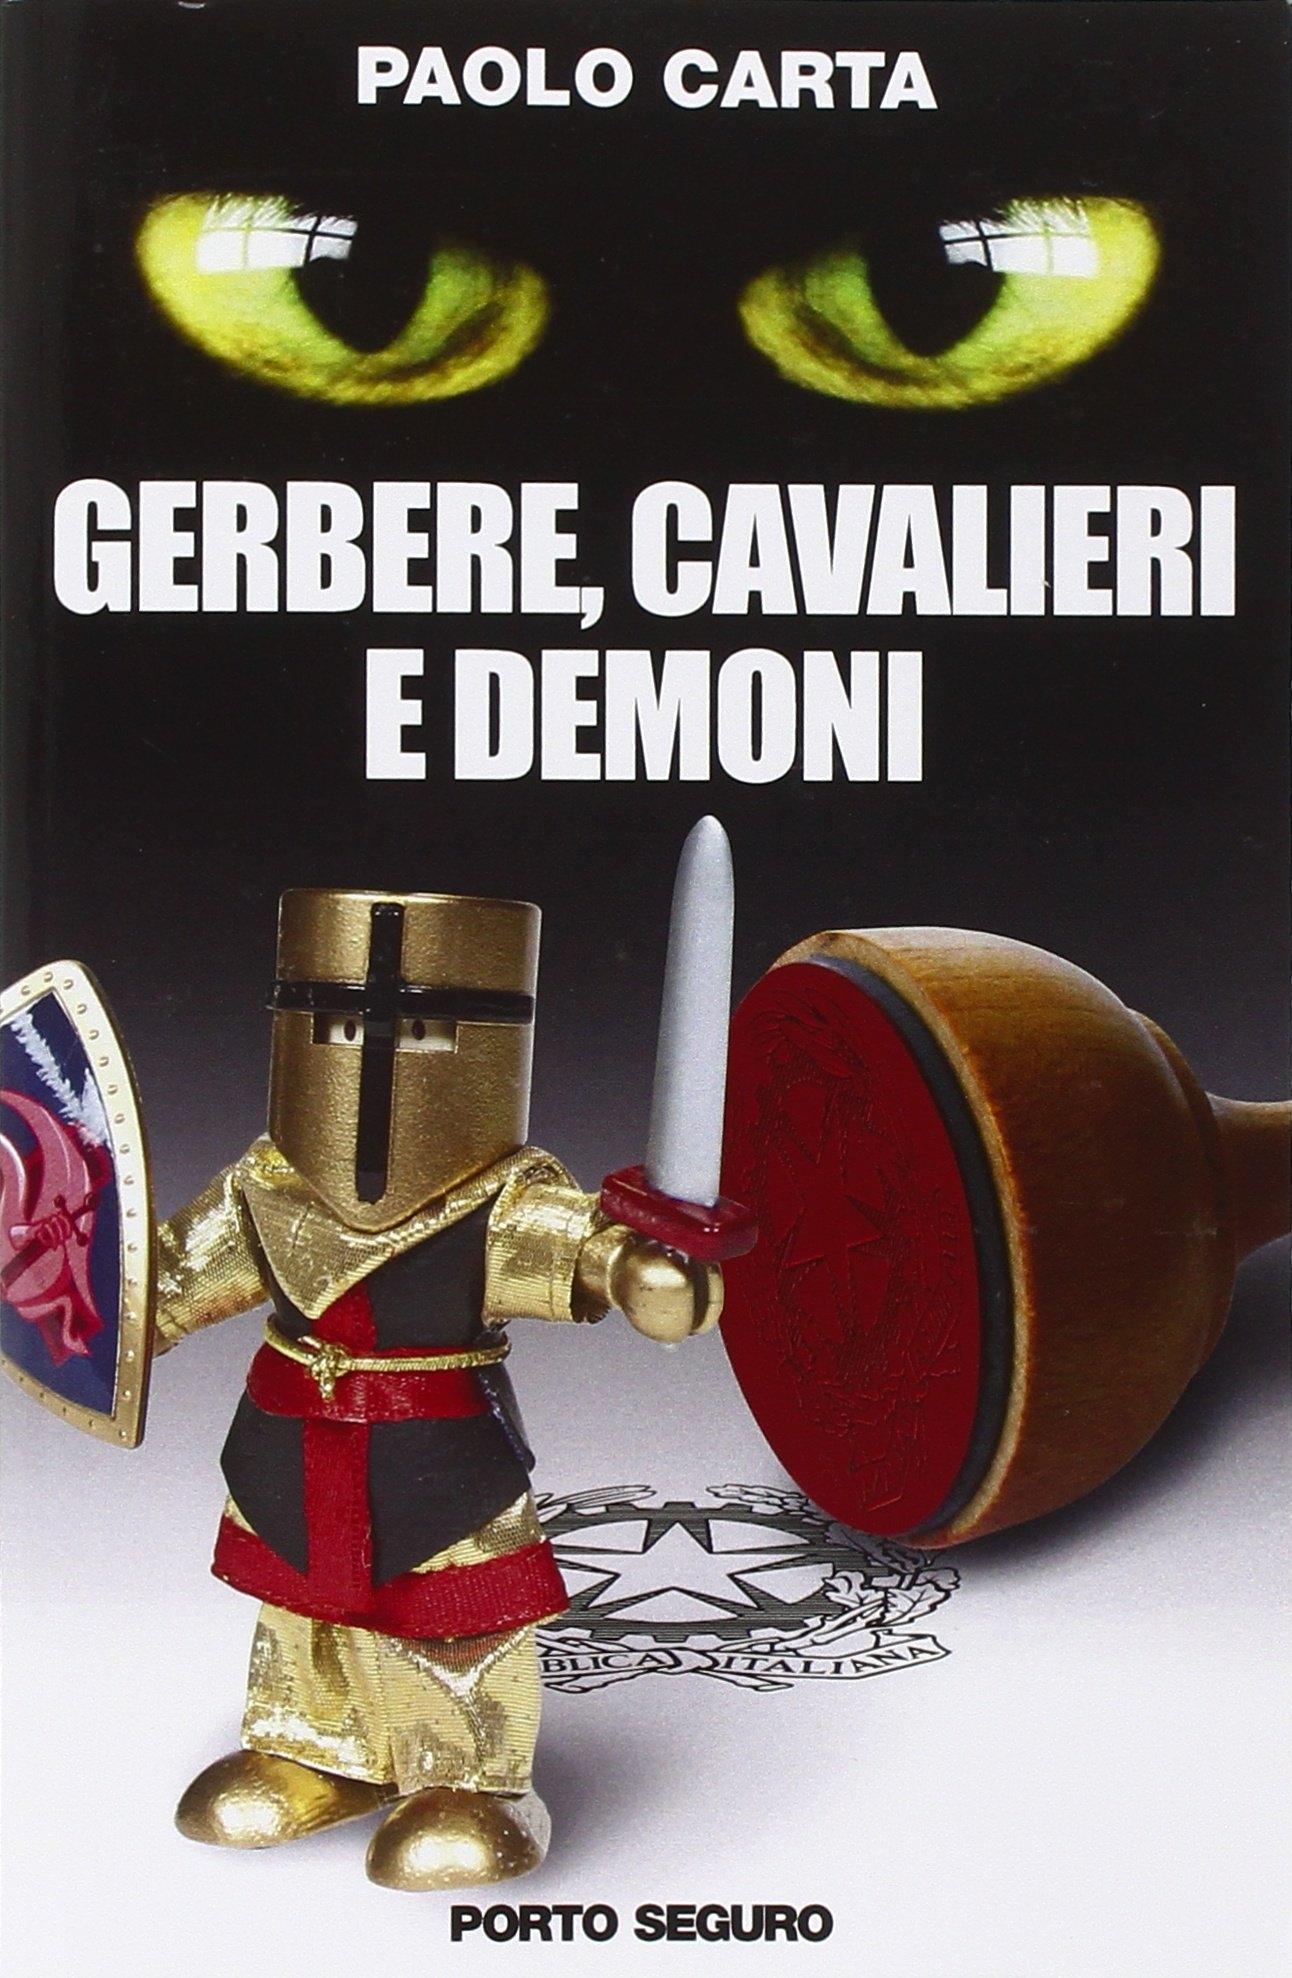 Gerbere, cavalieri e demoni.